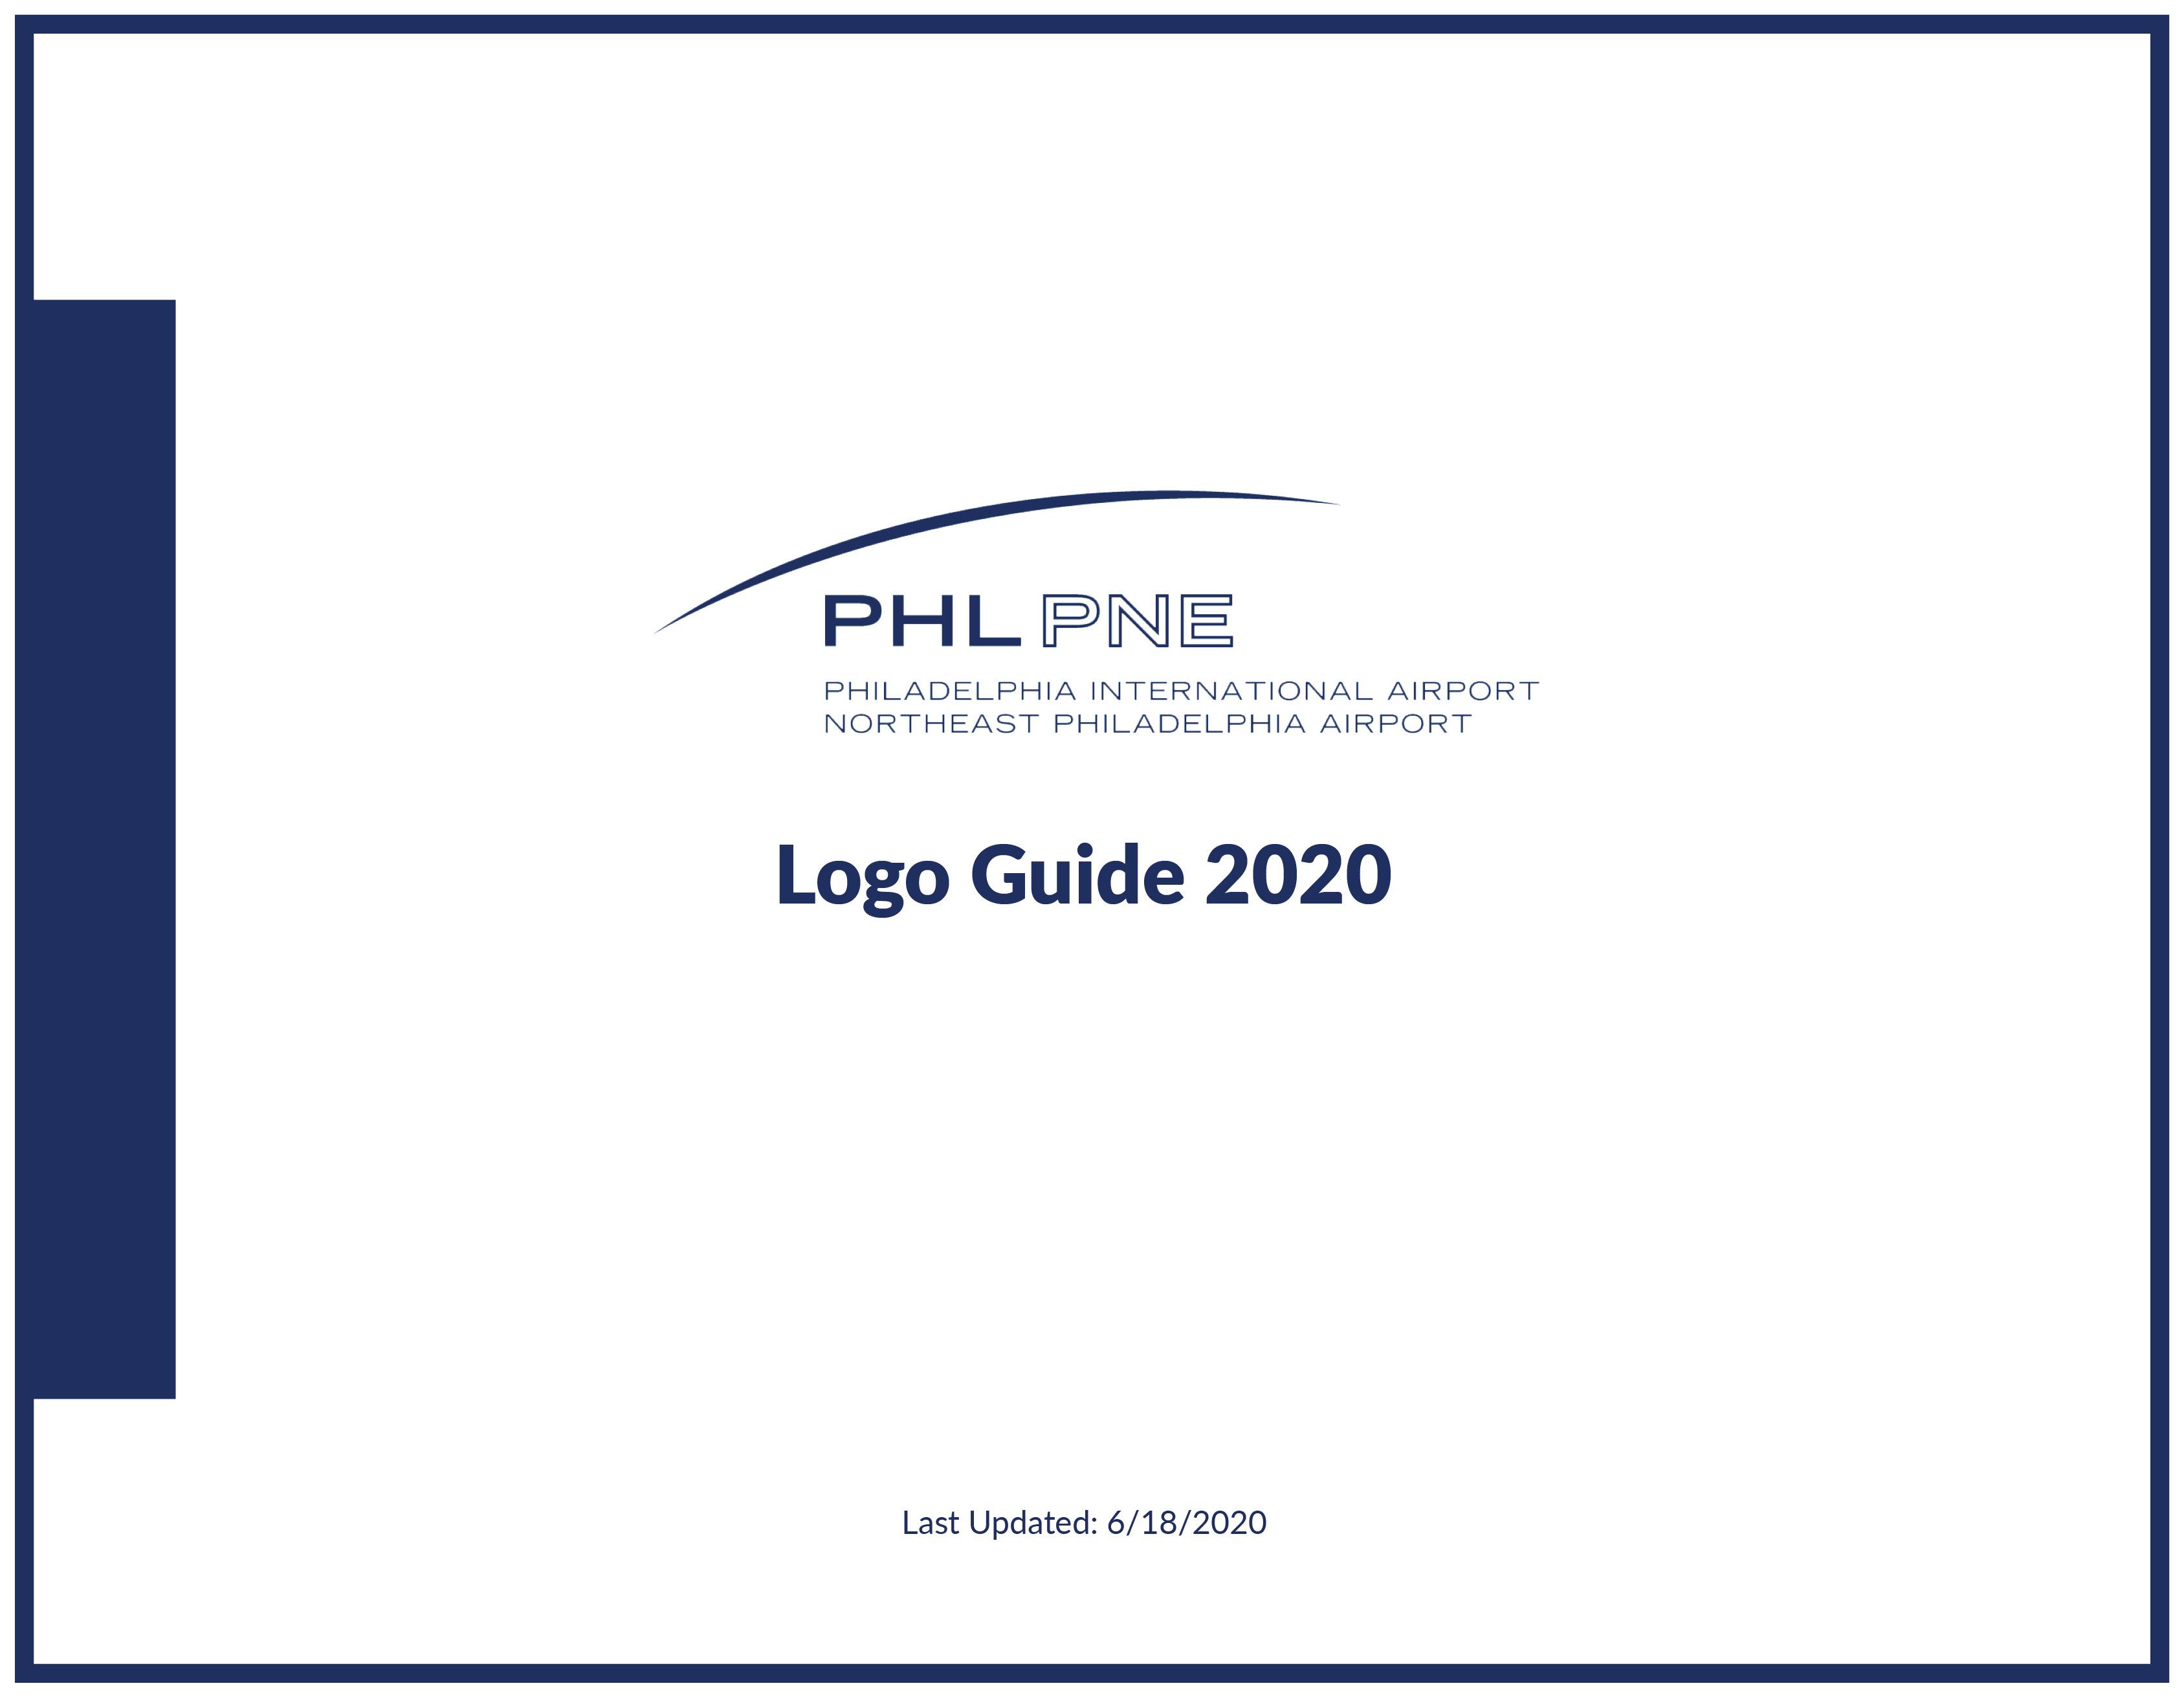 2020 logo guide cover